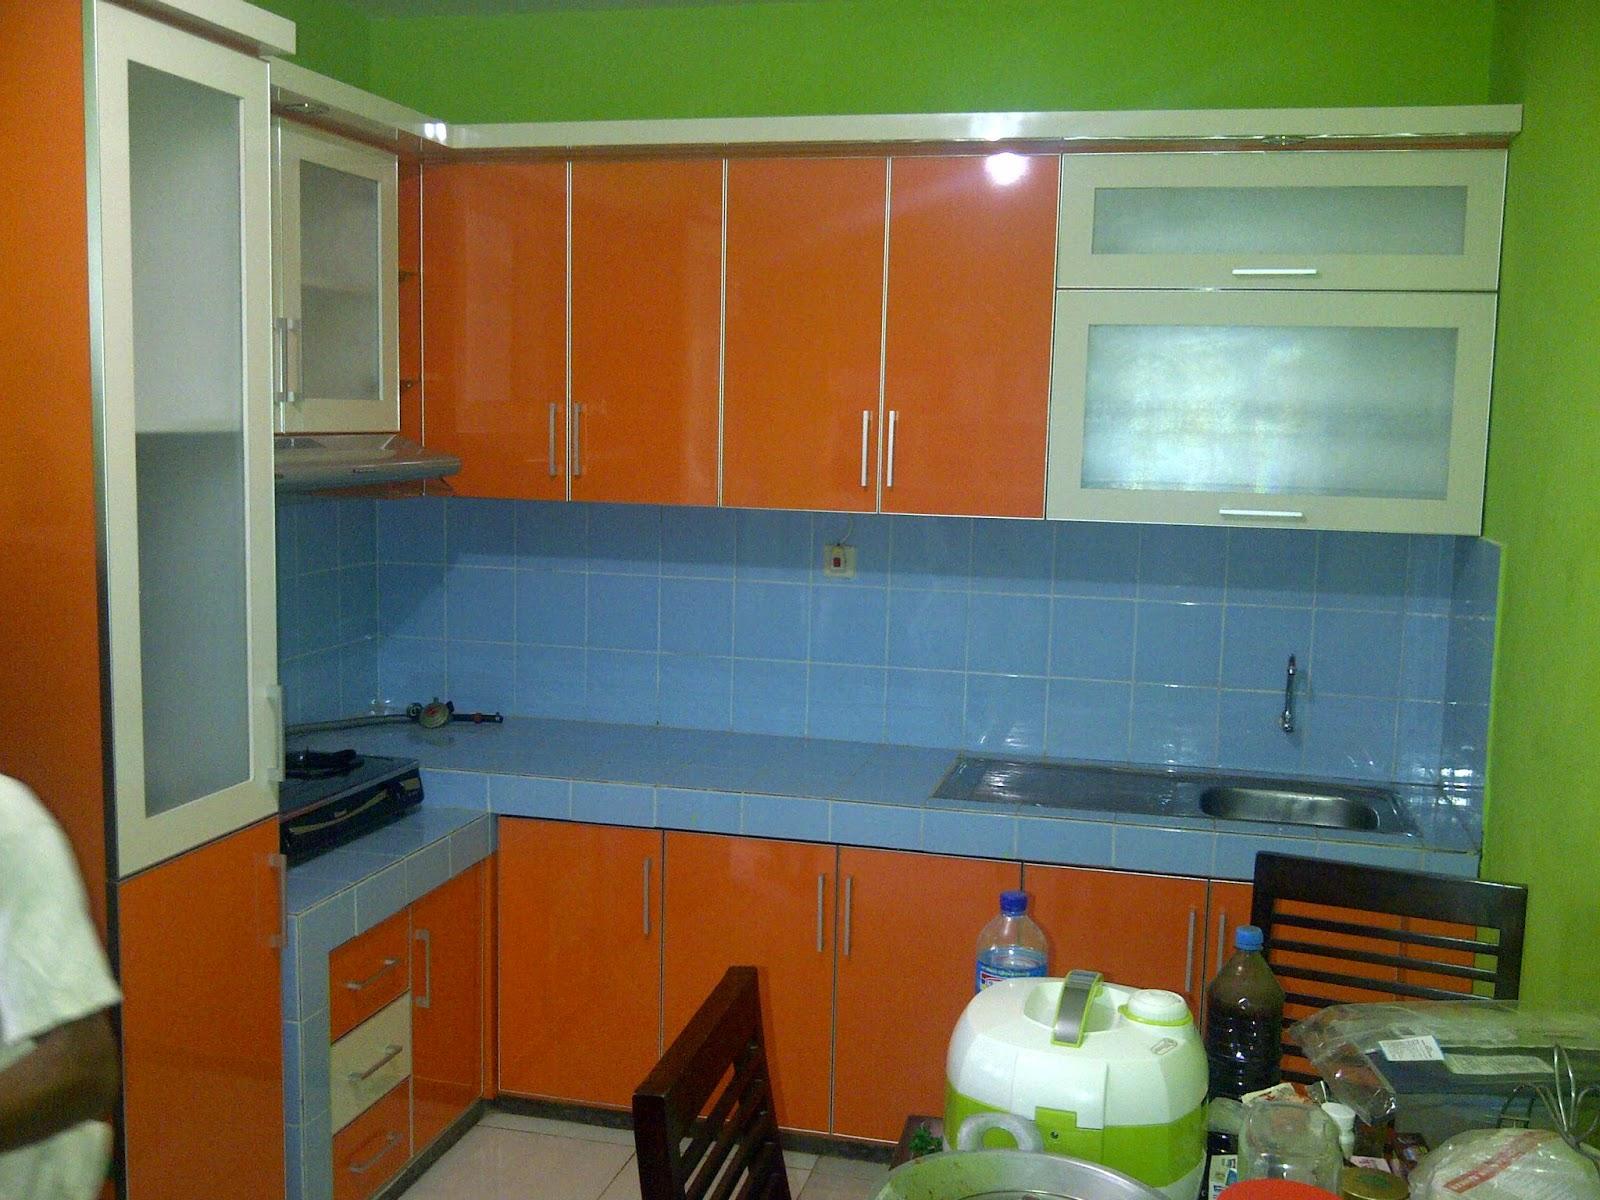 Jasa Kitchen Set Karawang: Perhitungan Biaya Kitchen Set